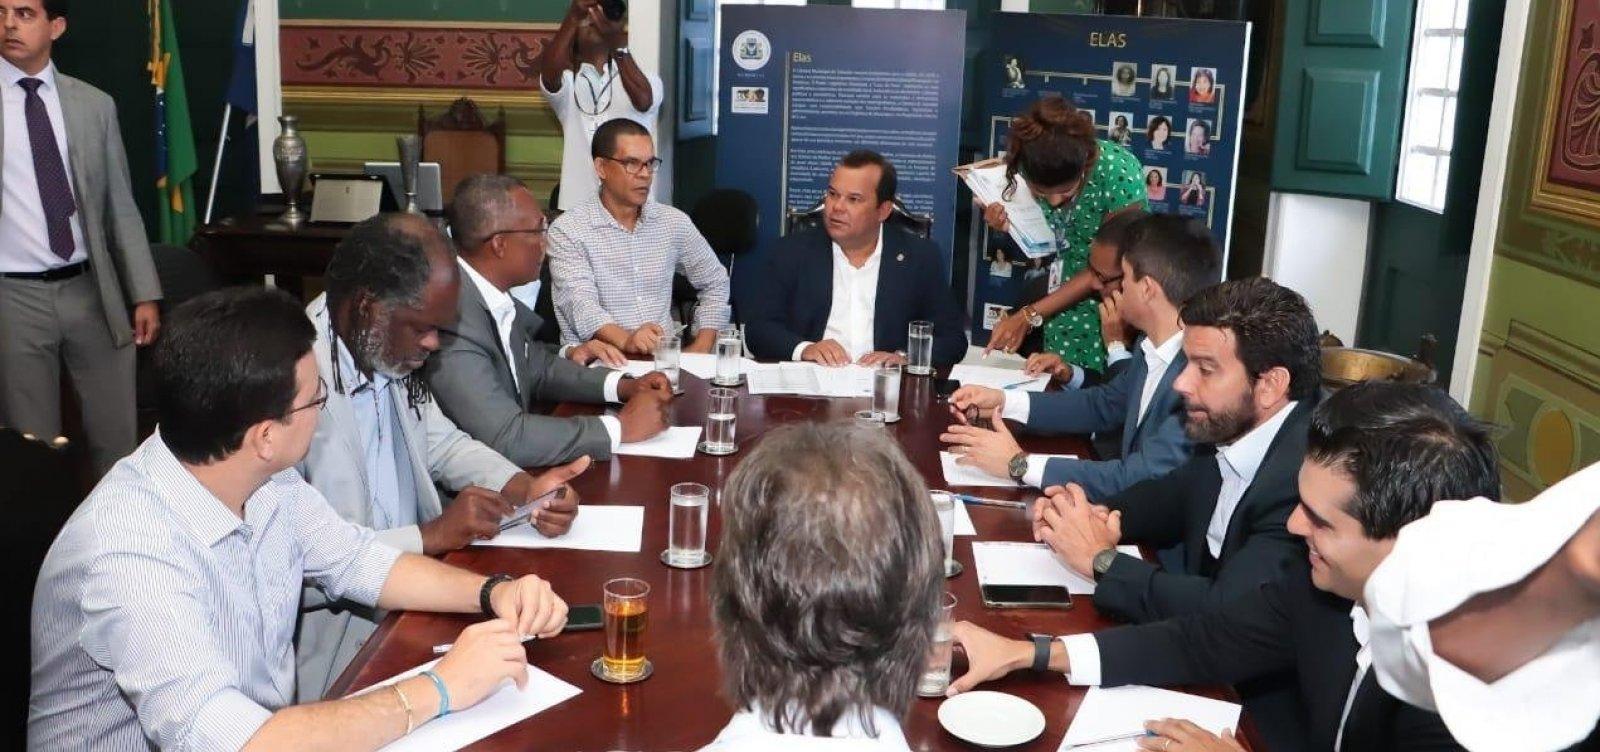 Regulamentação Apps: Geraldo Júnior define votação dos vetos